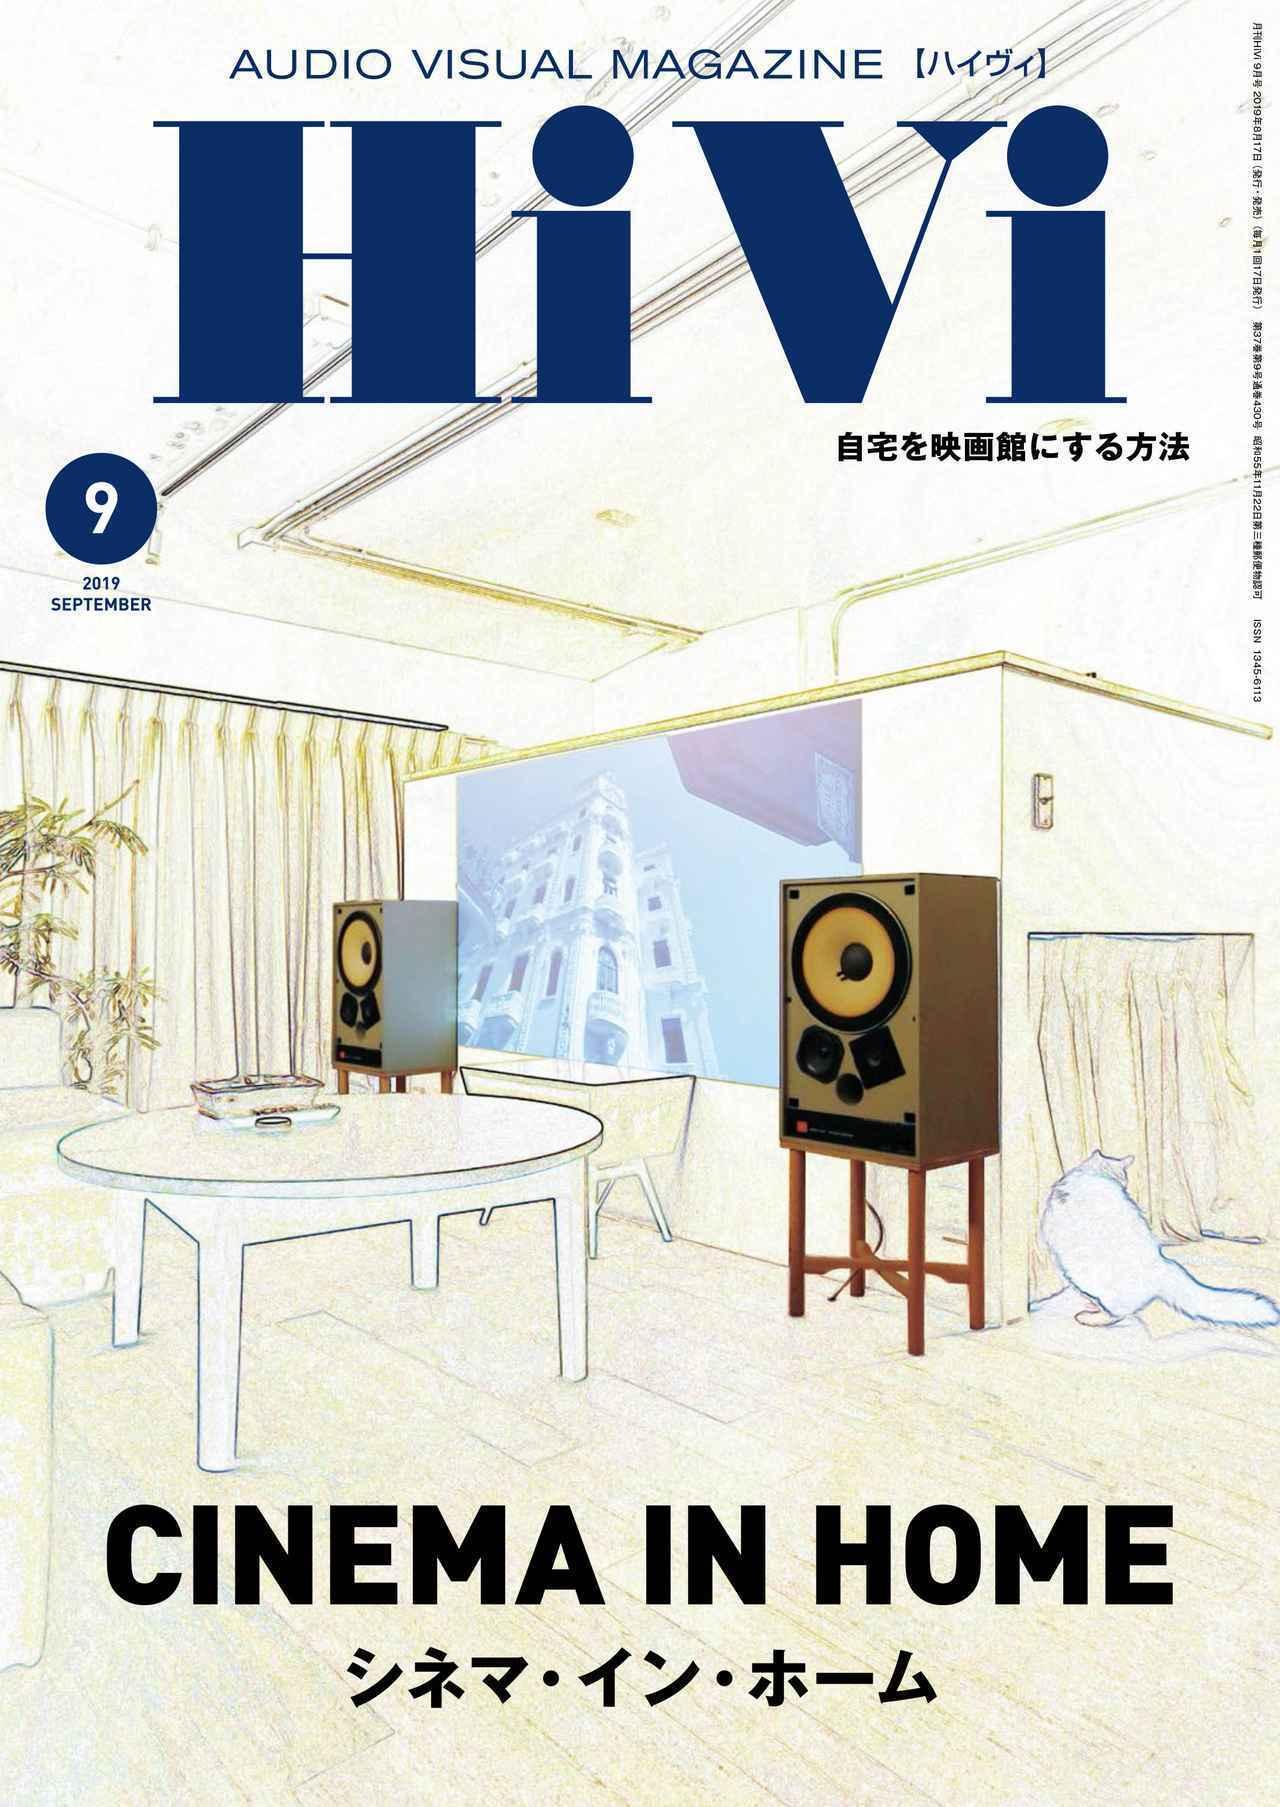 画像: 自宅を映画館にする方法。HiVi9月号の特集は「シネマ・イン・ホーム」 - Stereo Sound ONLINE